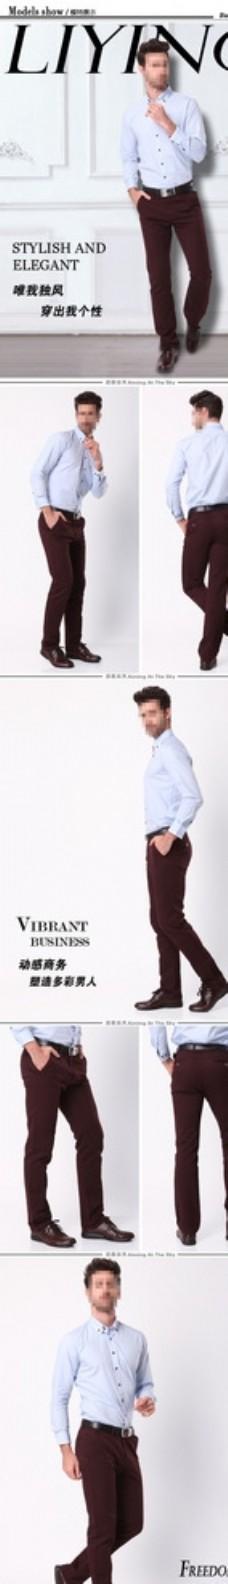 男装模特展示图分层淘宝页面设计